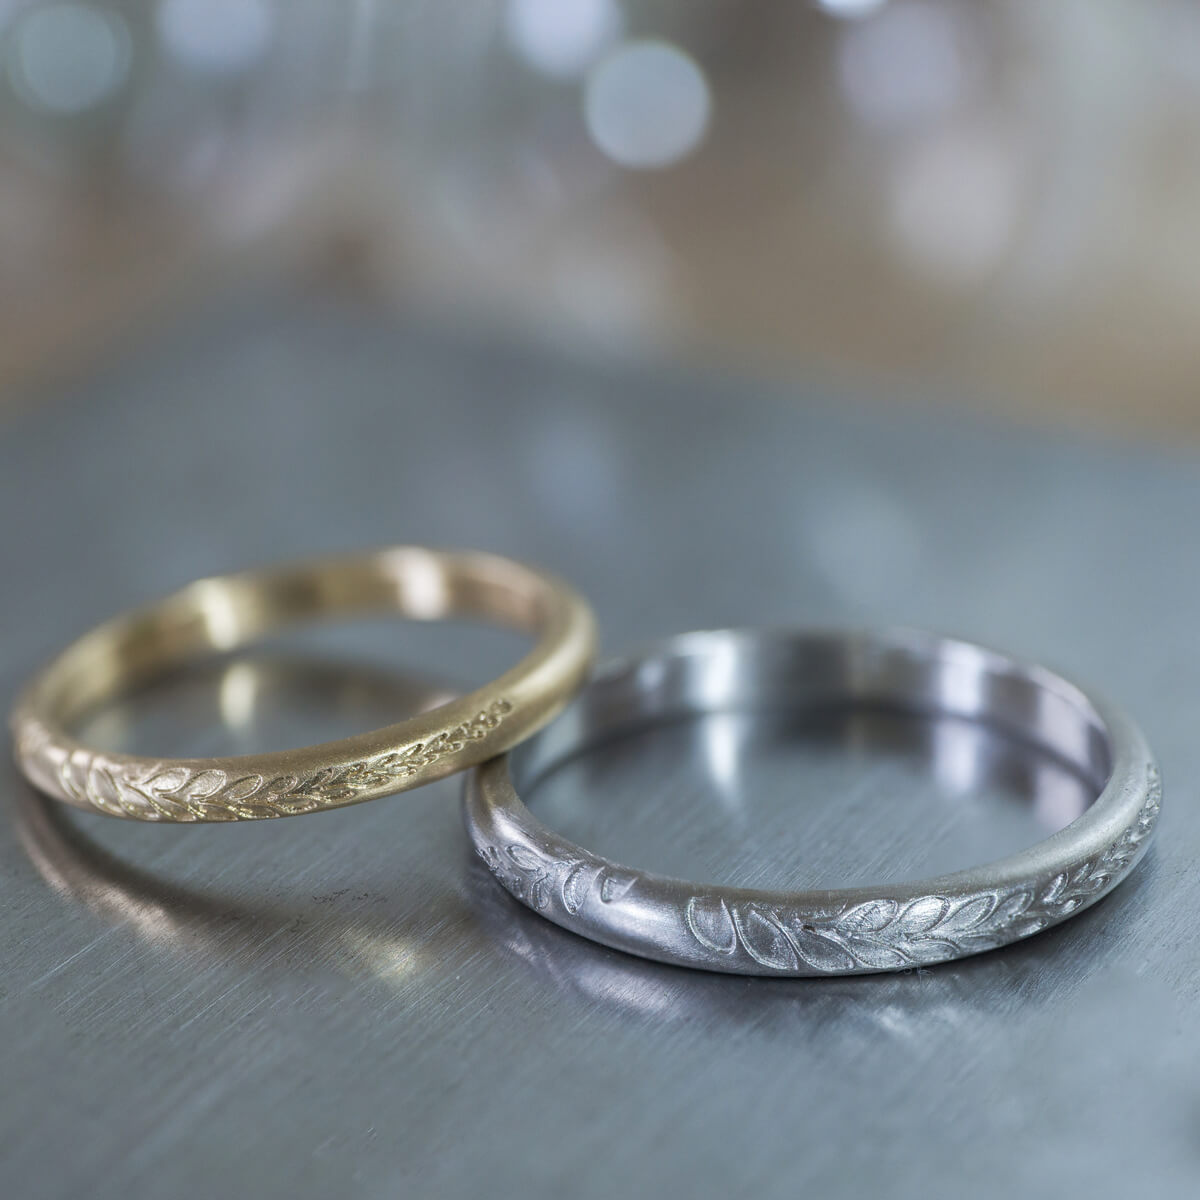 オーダーメイドマリッジリング ジュエリーのアトリエ プラチナ、ゴールド 屋久島のシダモチーフ 屋久島でつくる結婚指輪